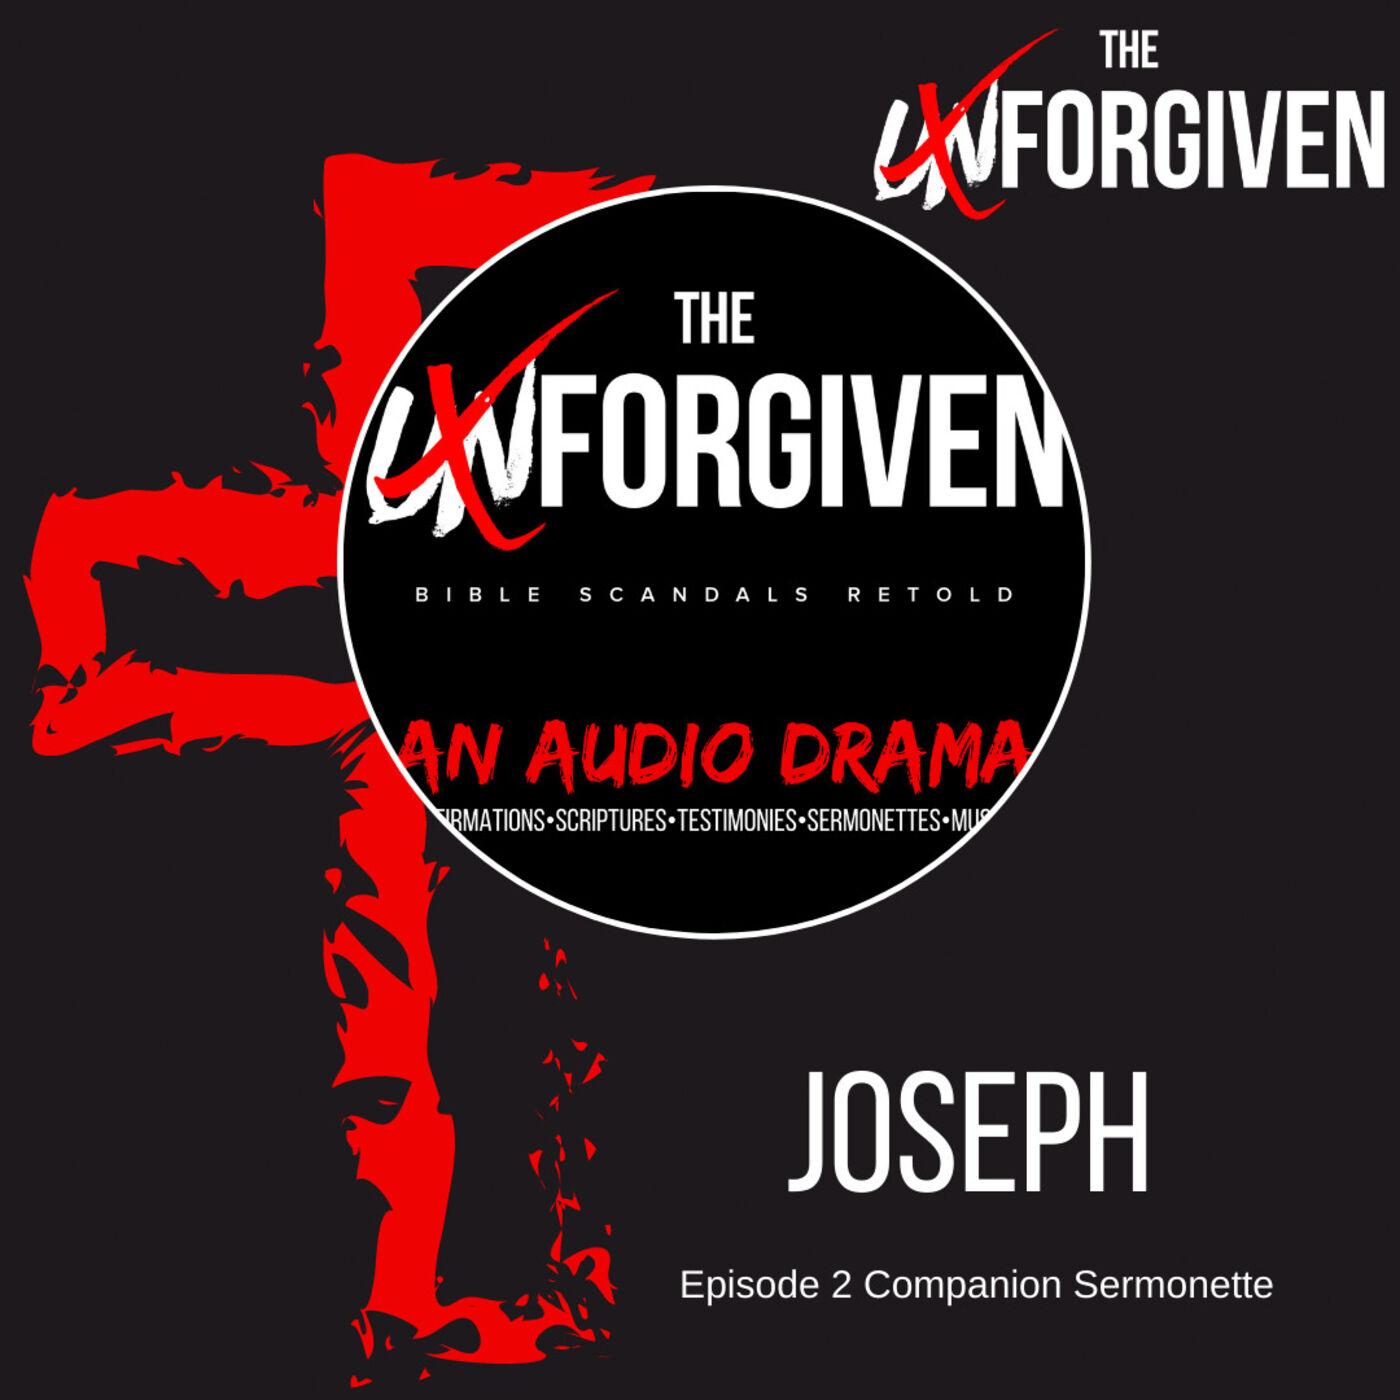 Joseph - Episode 2 Companion Sermonette